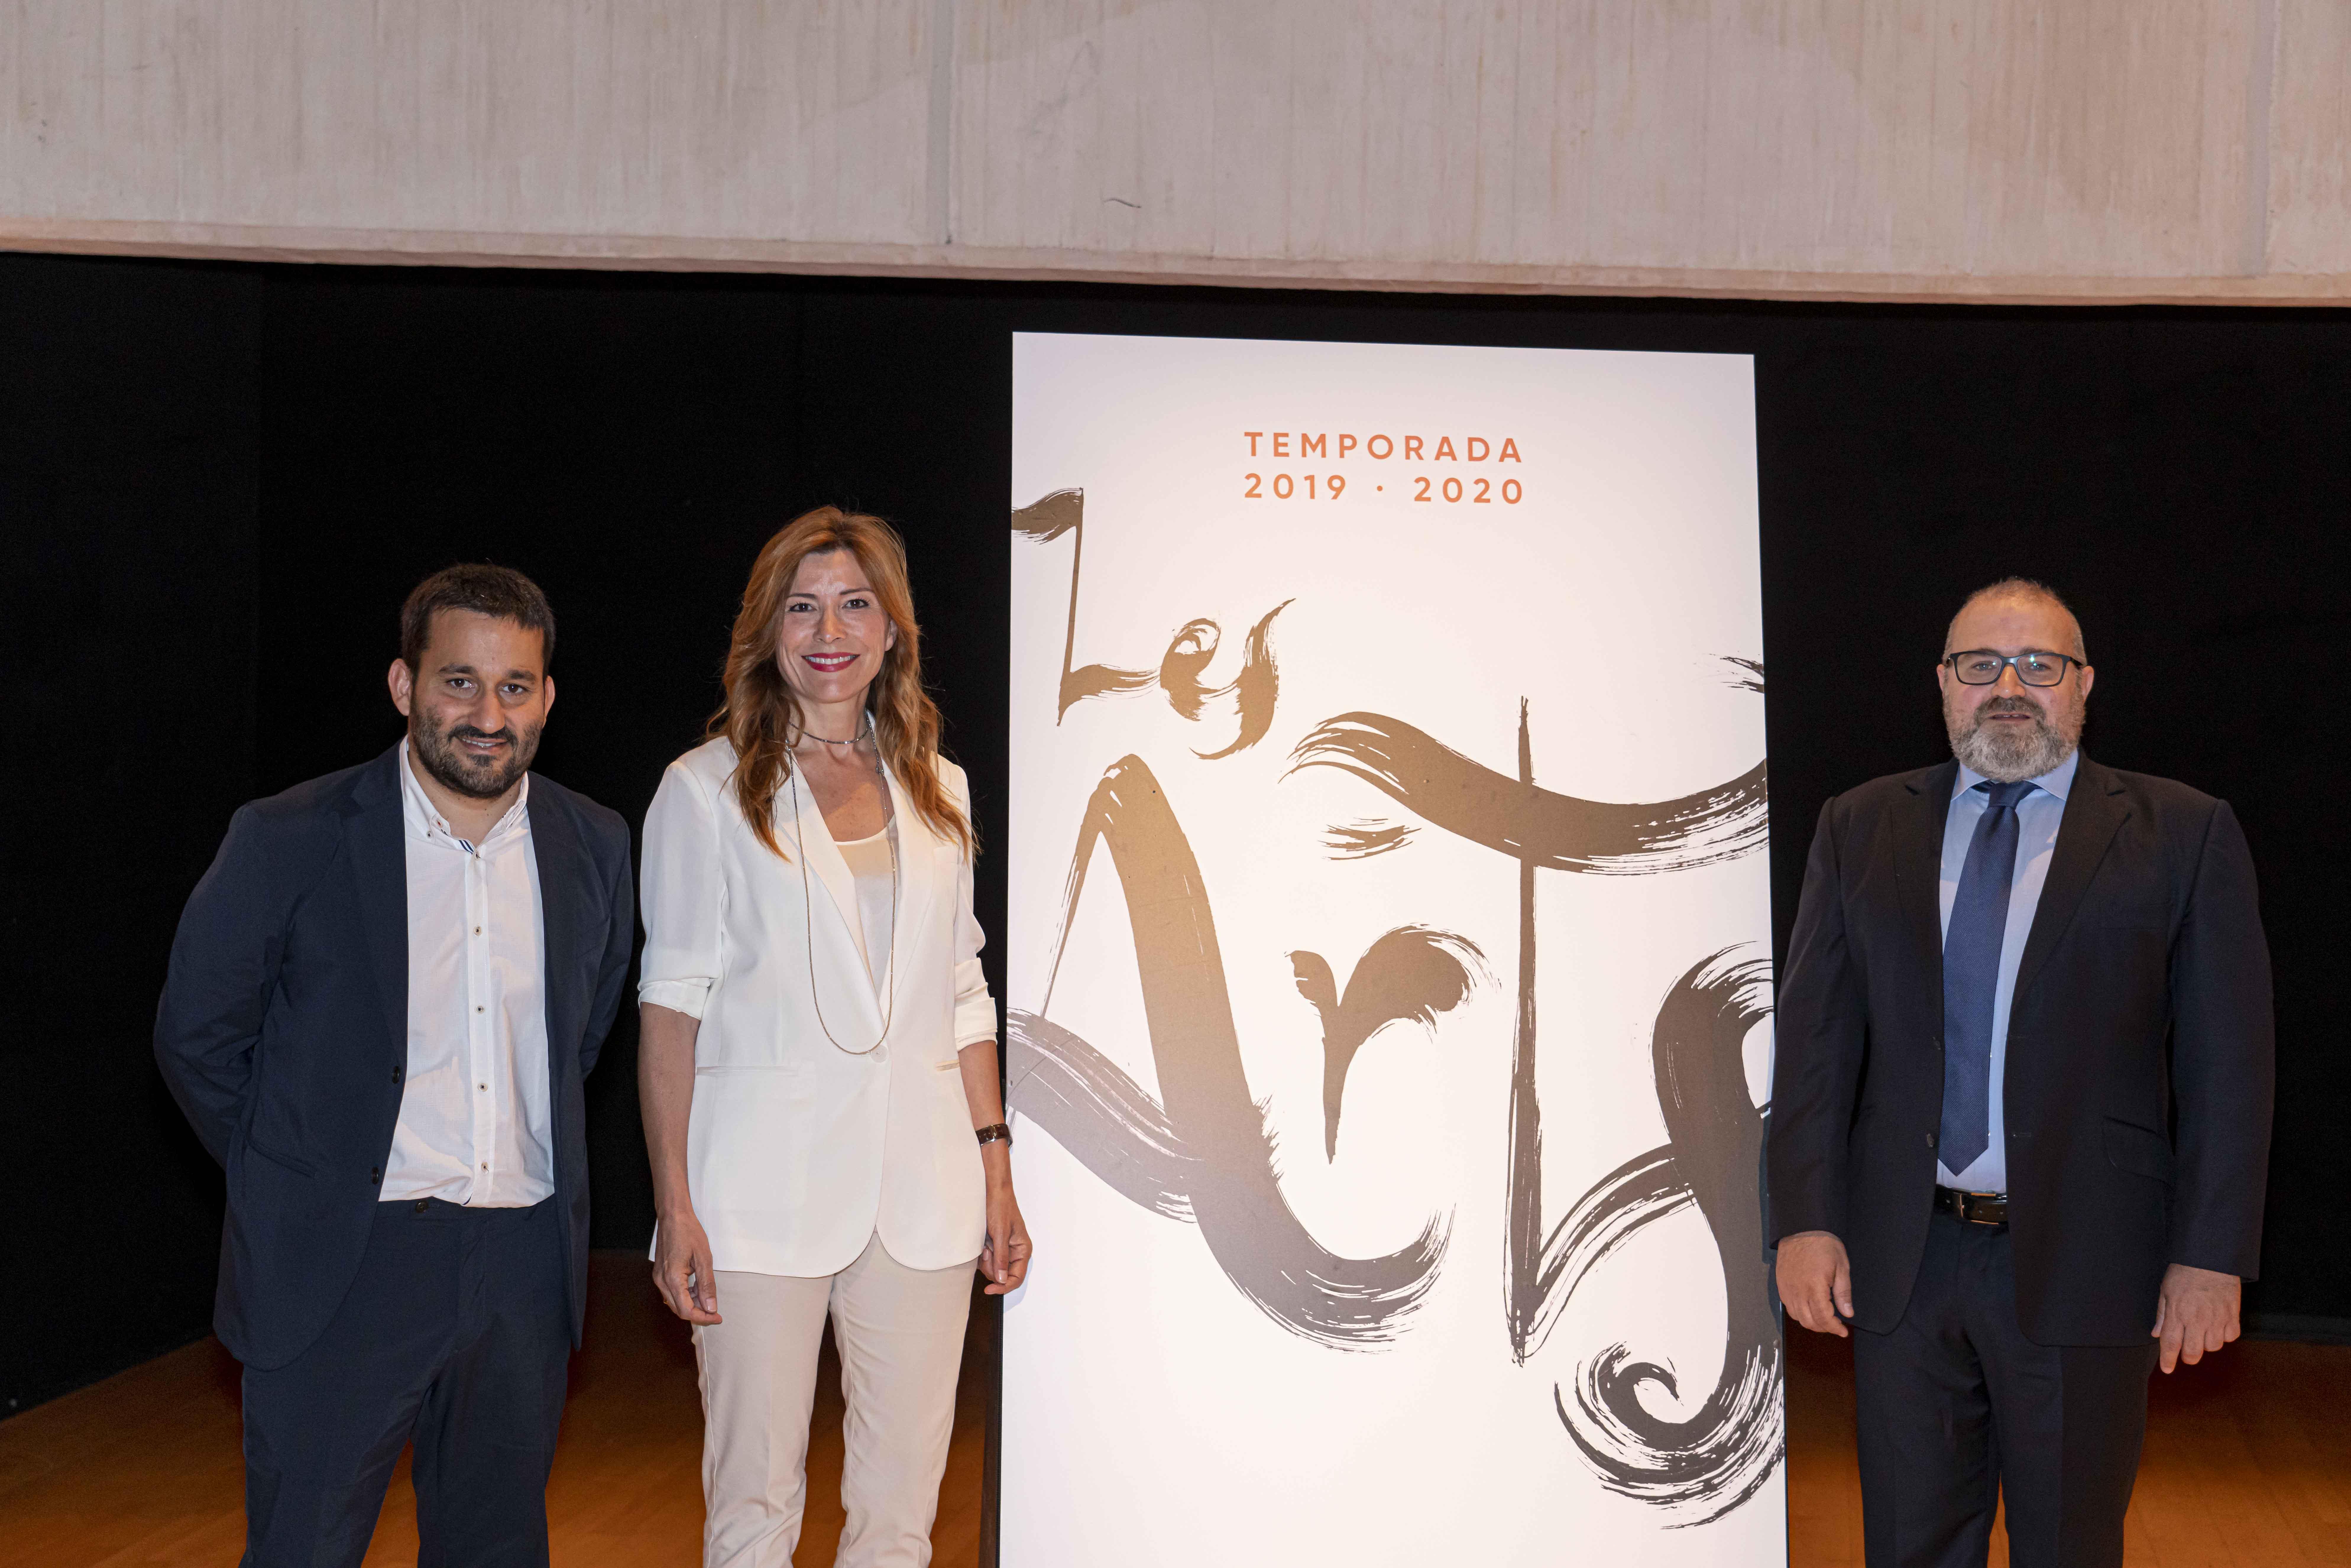 Les Arts amplía un 30 % su actividad al público con ópera, zarzuela, danza, 'lied', conciertos, flamenco y otras músicas